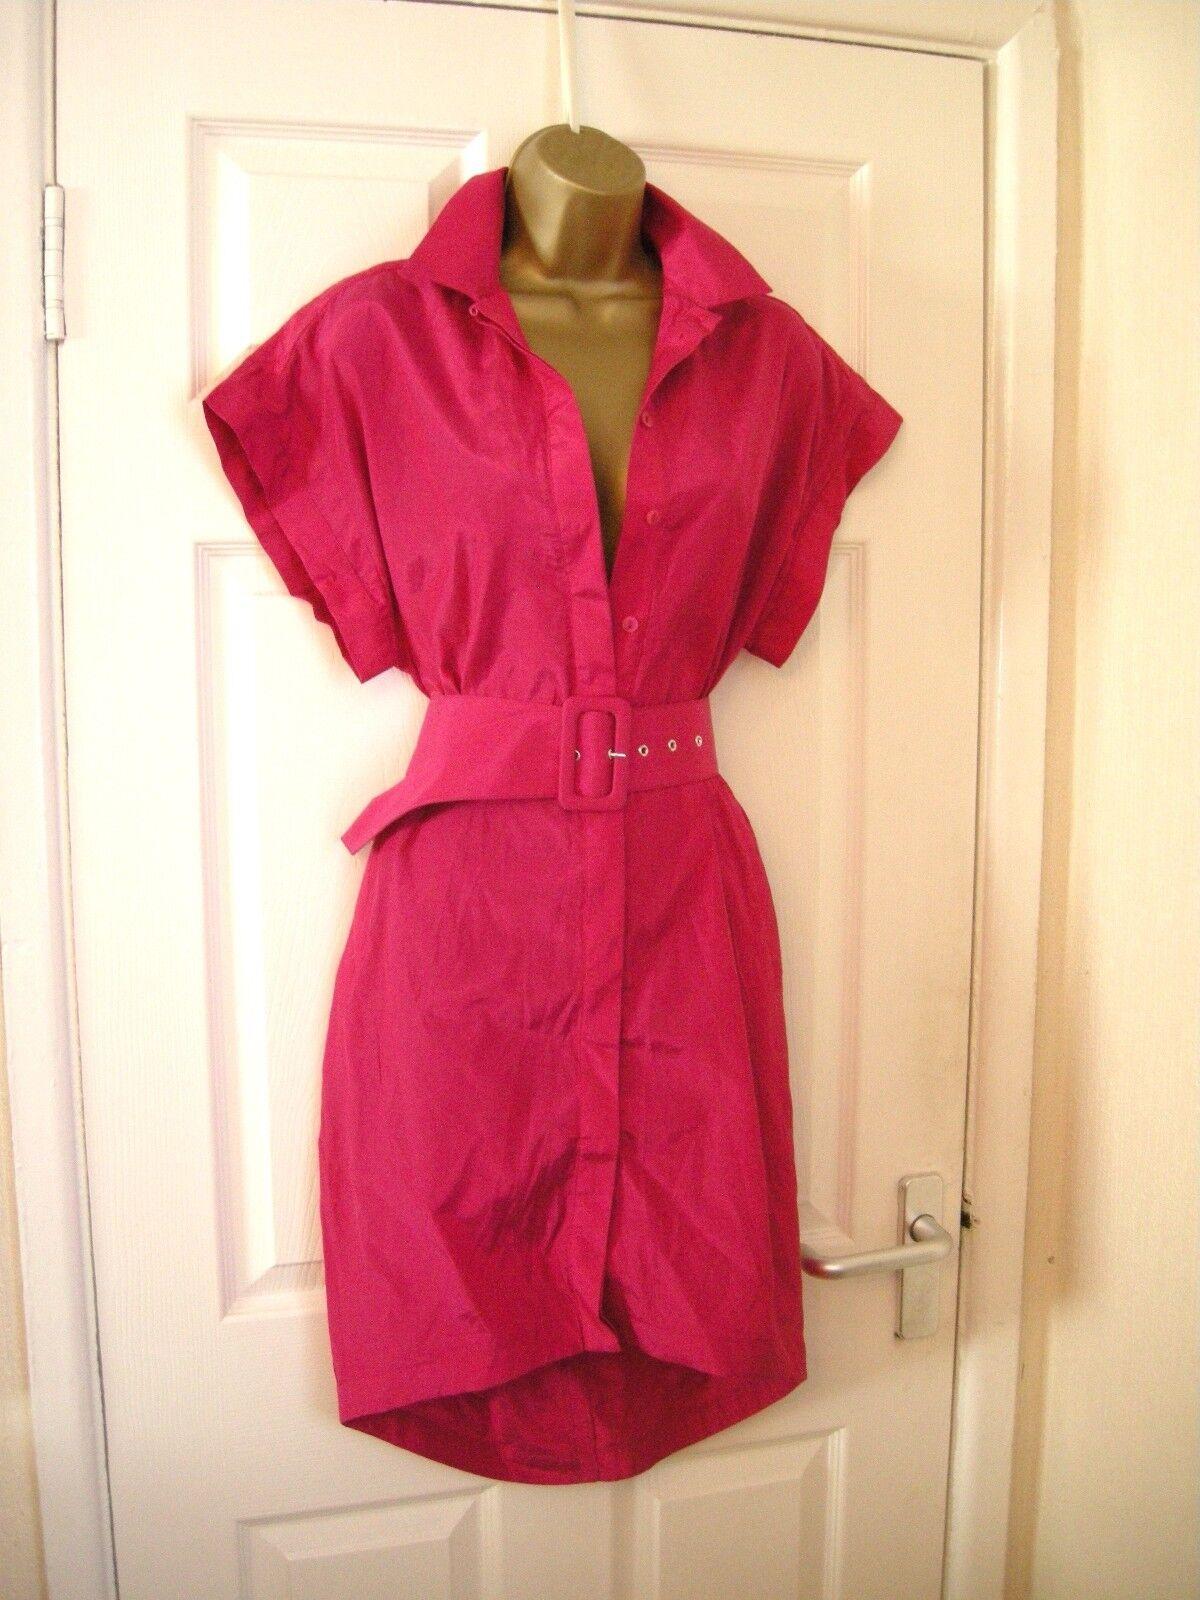 14 PREEN rosa Brillante Matita Mini Abito camicia con Cintura Stile Retrò Anni'70 anni'80 Party